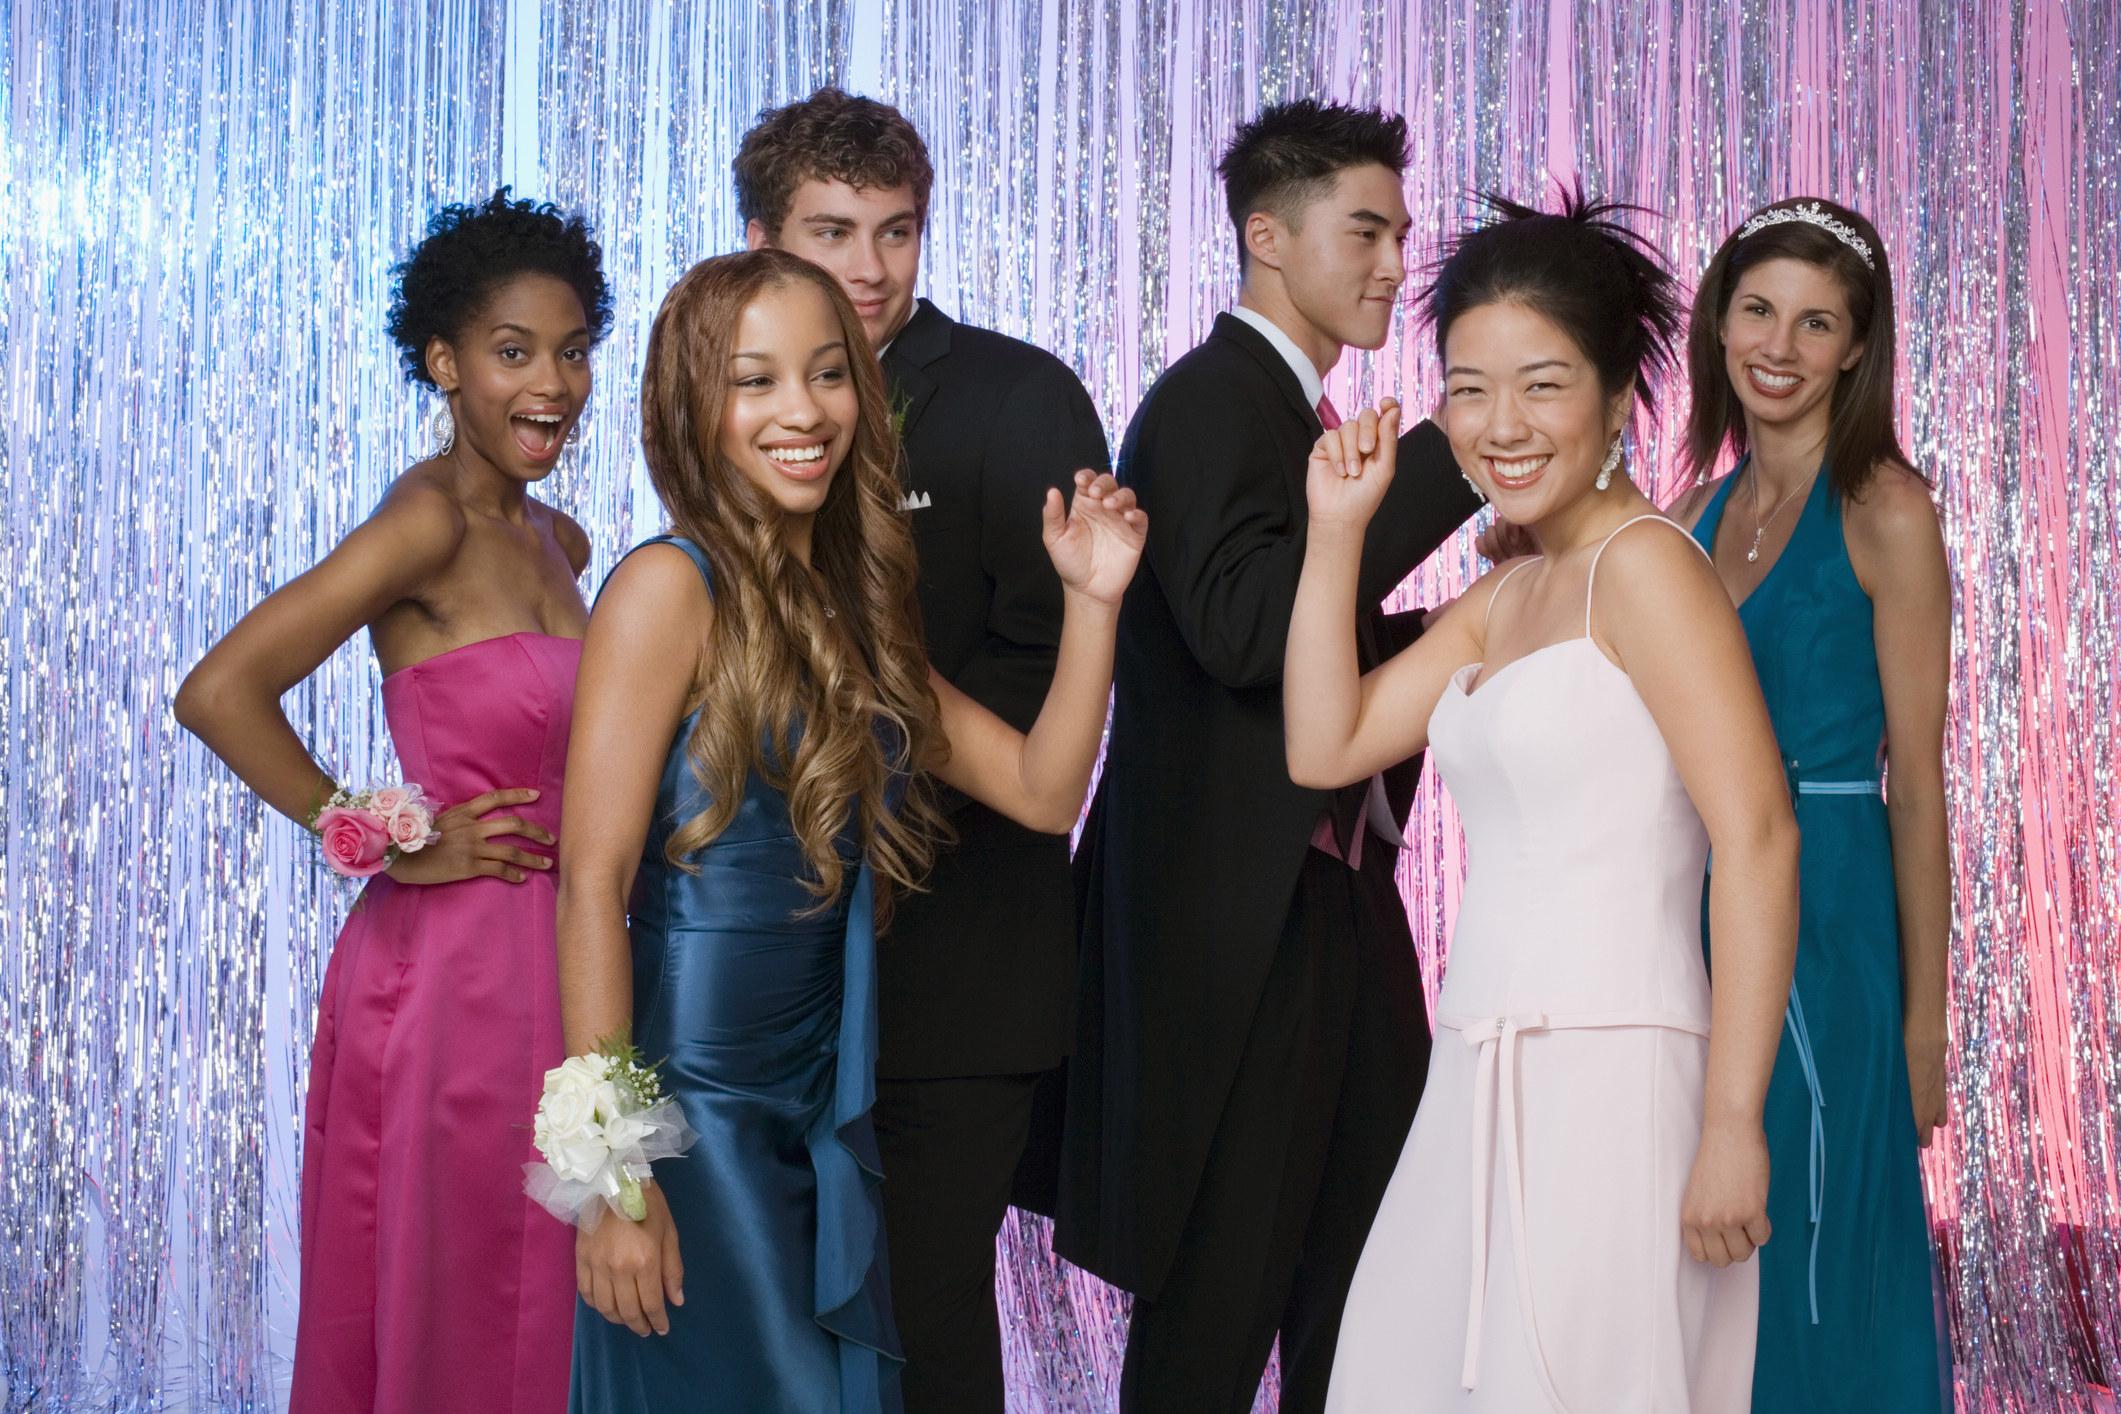 Teens dancing at a school dance